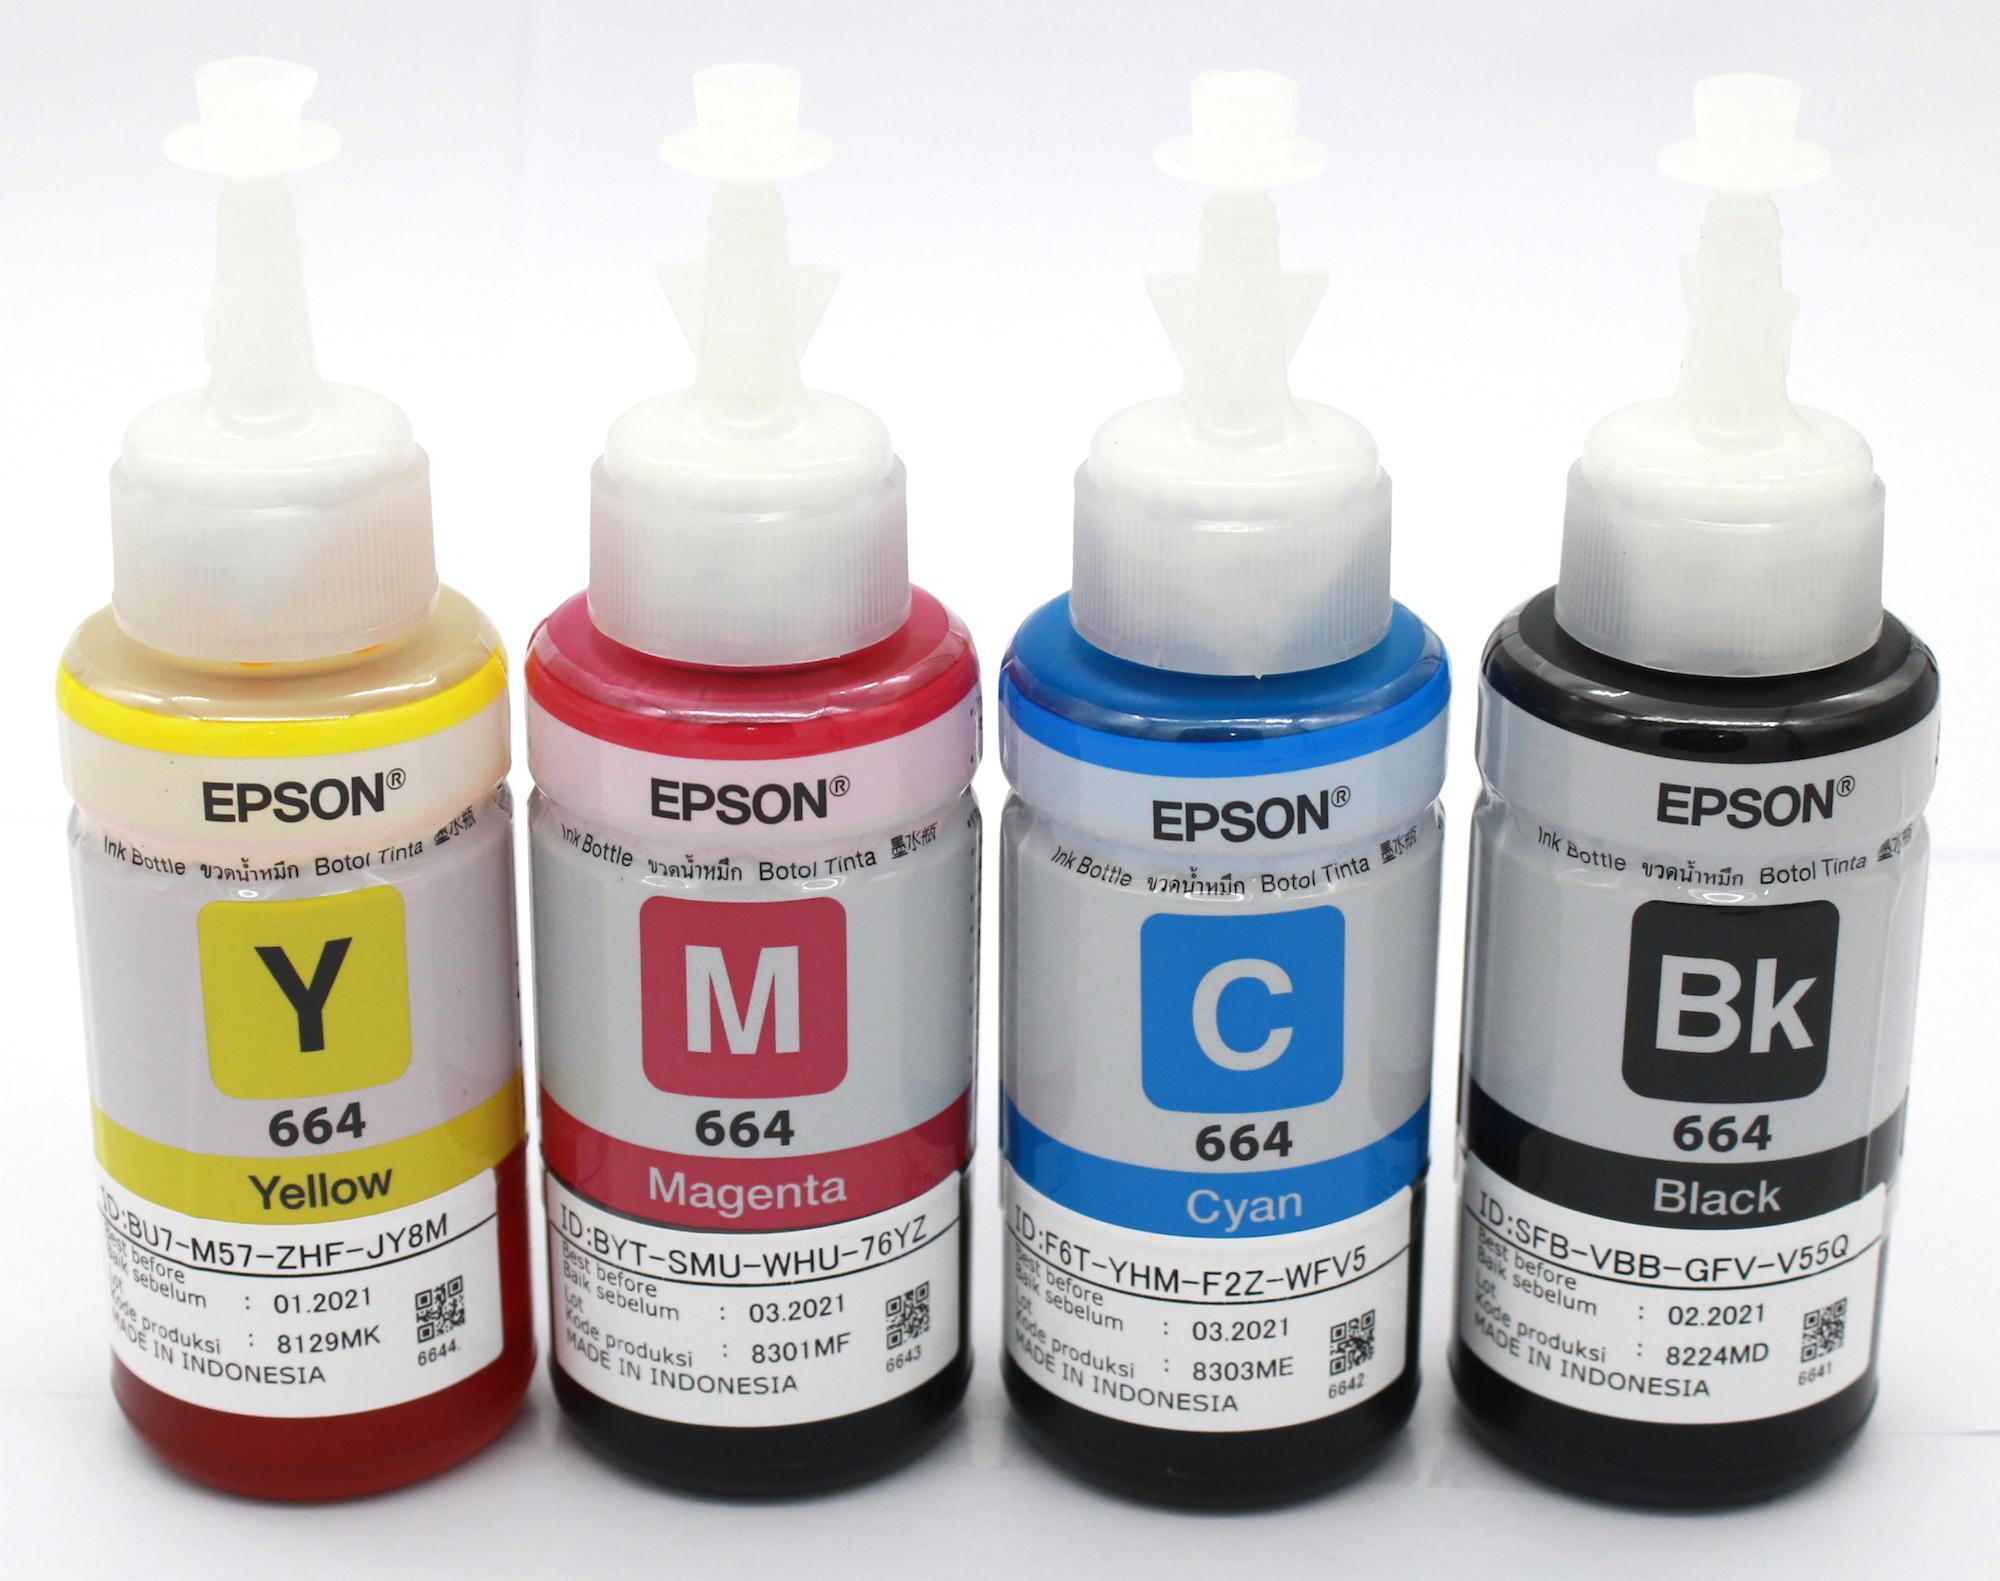 Epson Philippines Price List Printer Scanner Ink Timing Belt L110 L210 L300 L350 Original New 70ml Bottle For L100 L120 L200